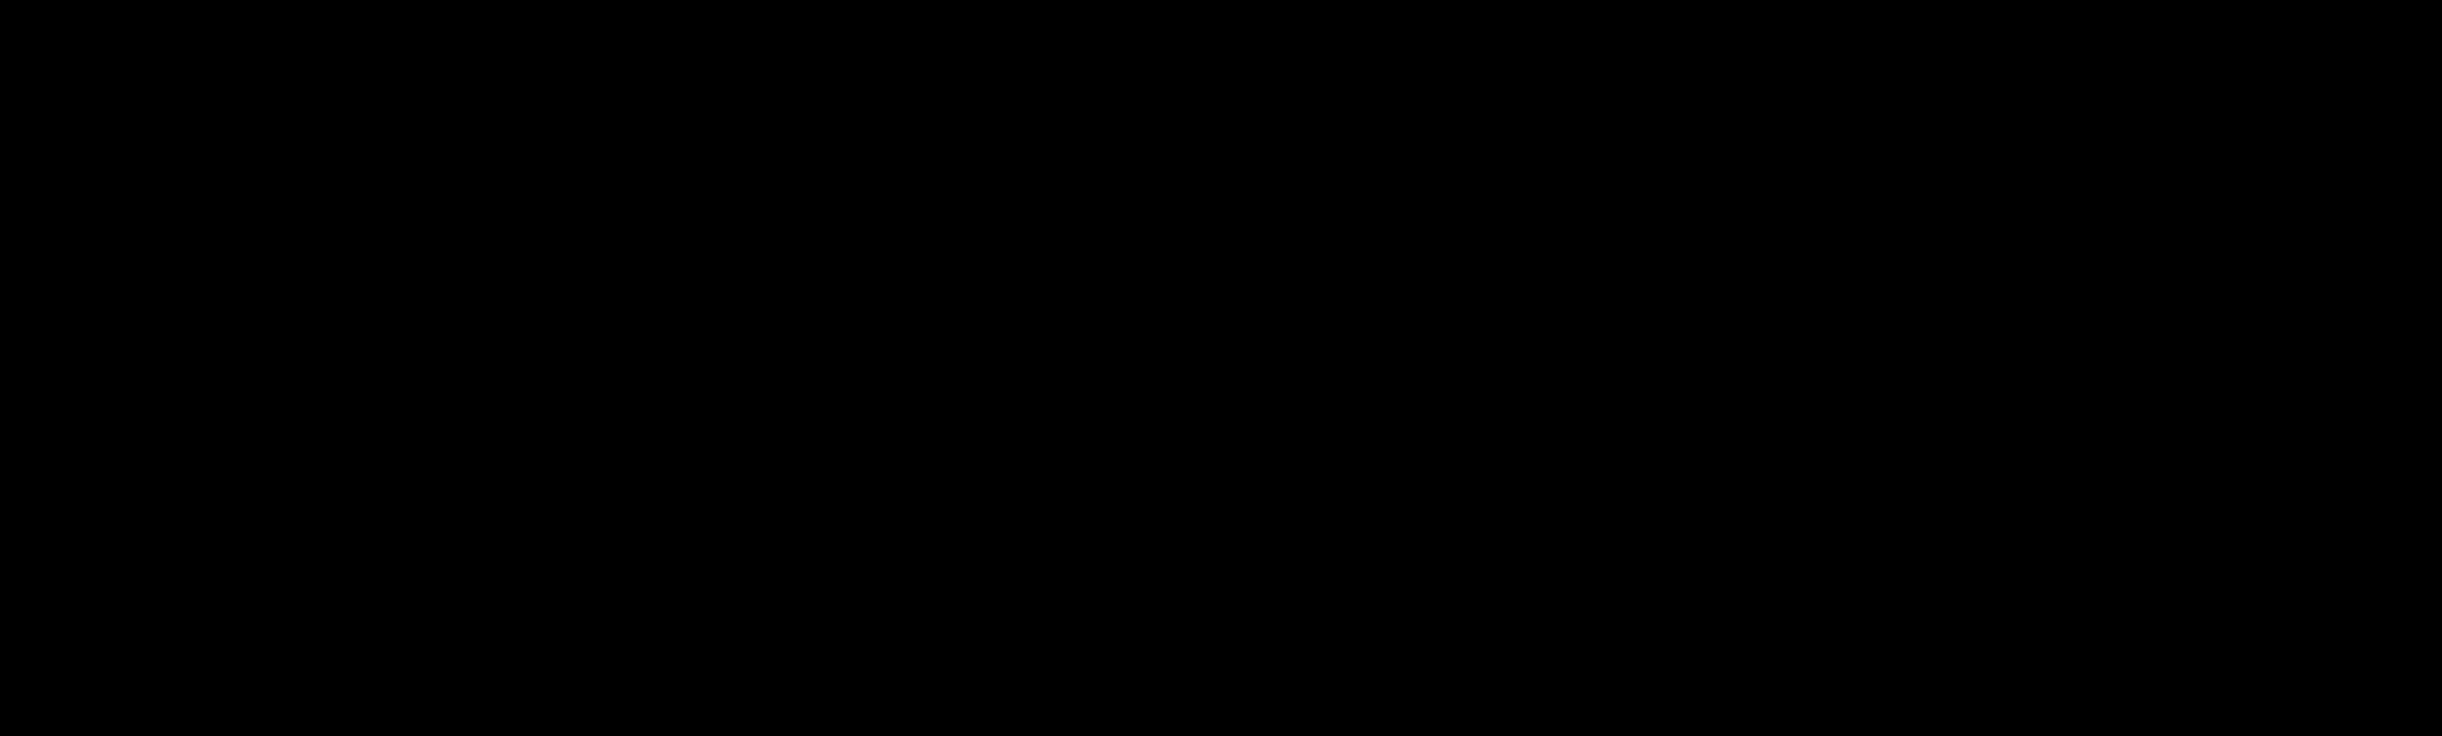 Vilazodone